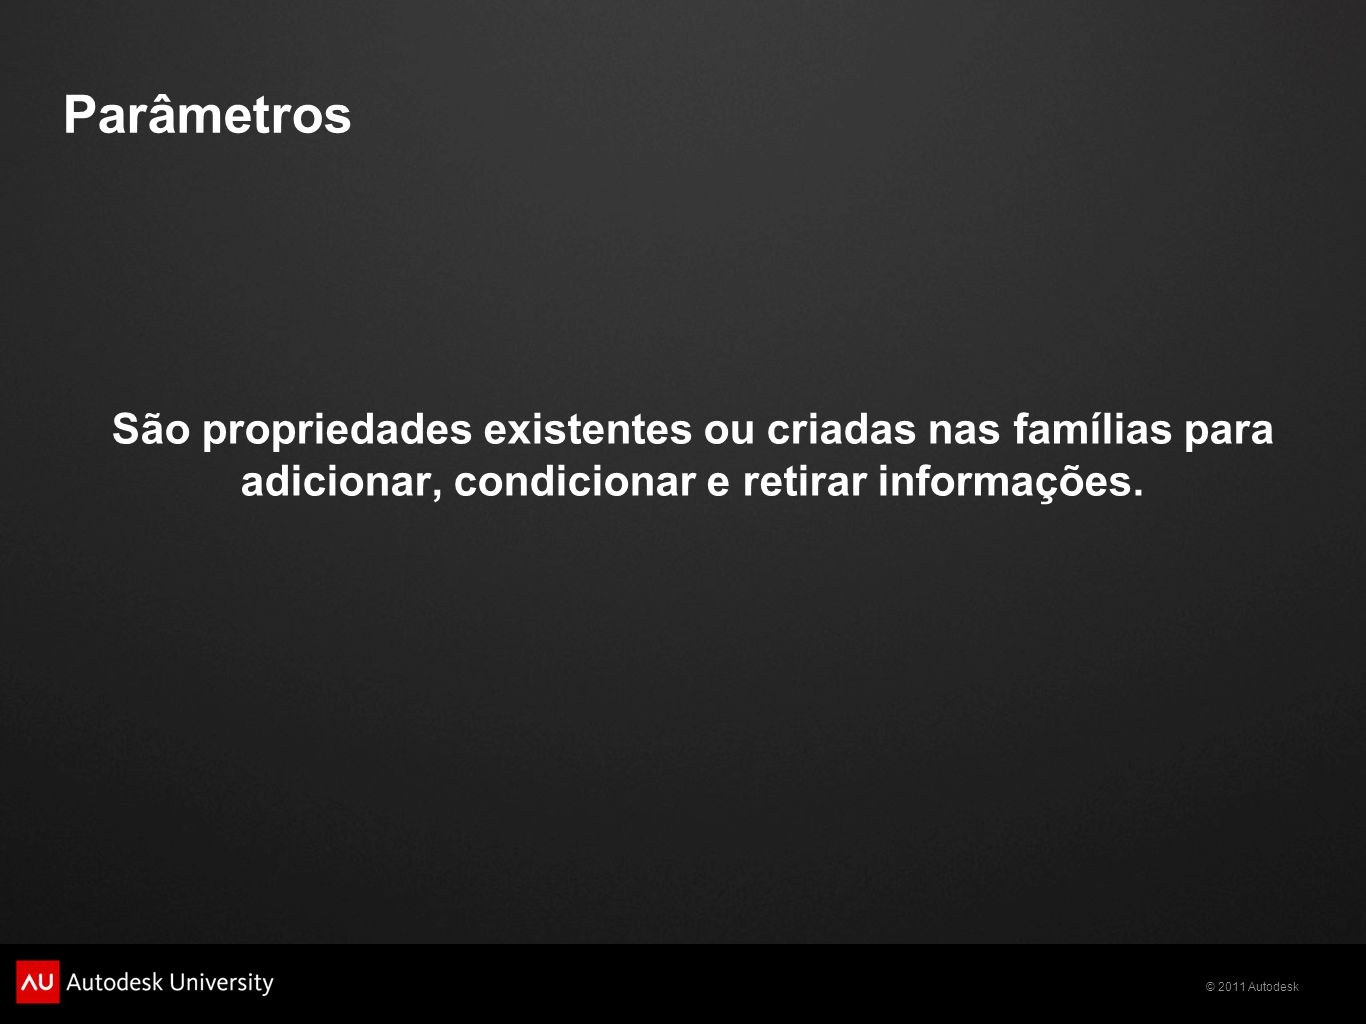 Parâmetros São propriedades existentes ou criadas nas famílias para adicionar, condicionar e retirar informações.